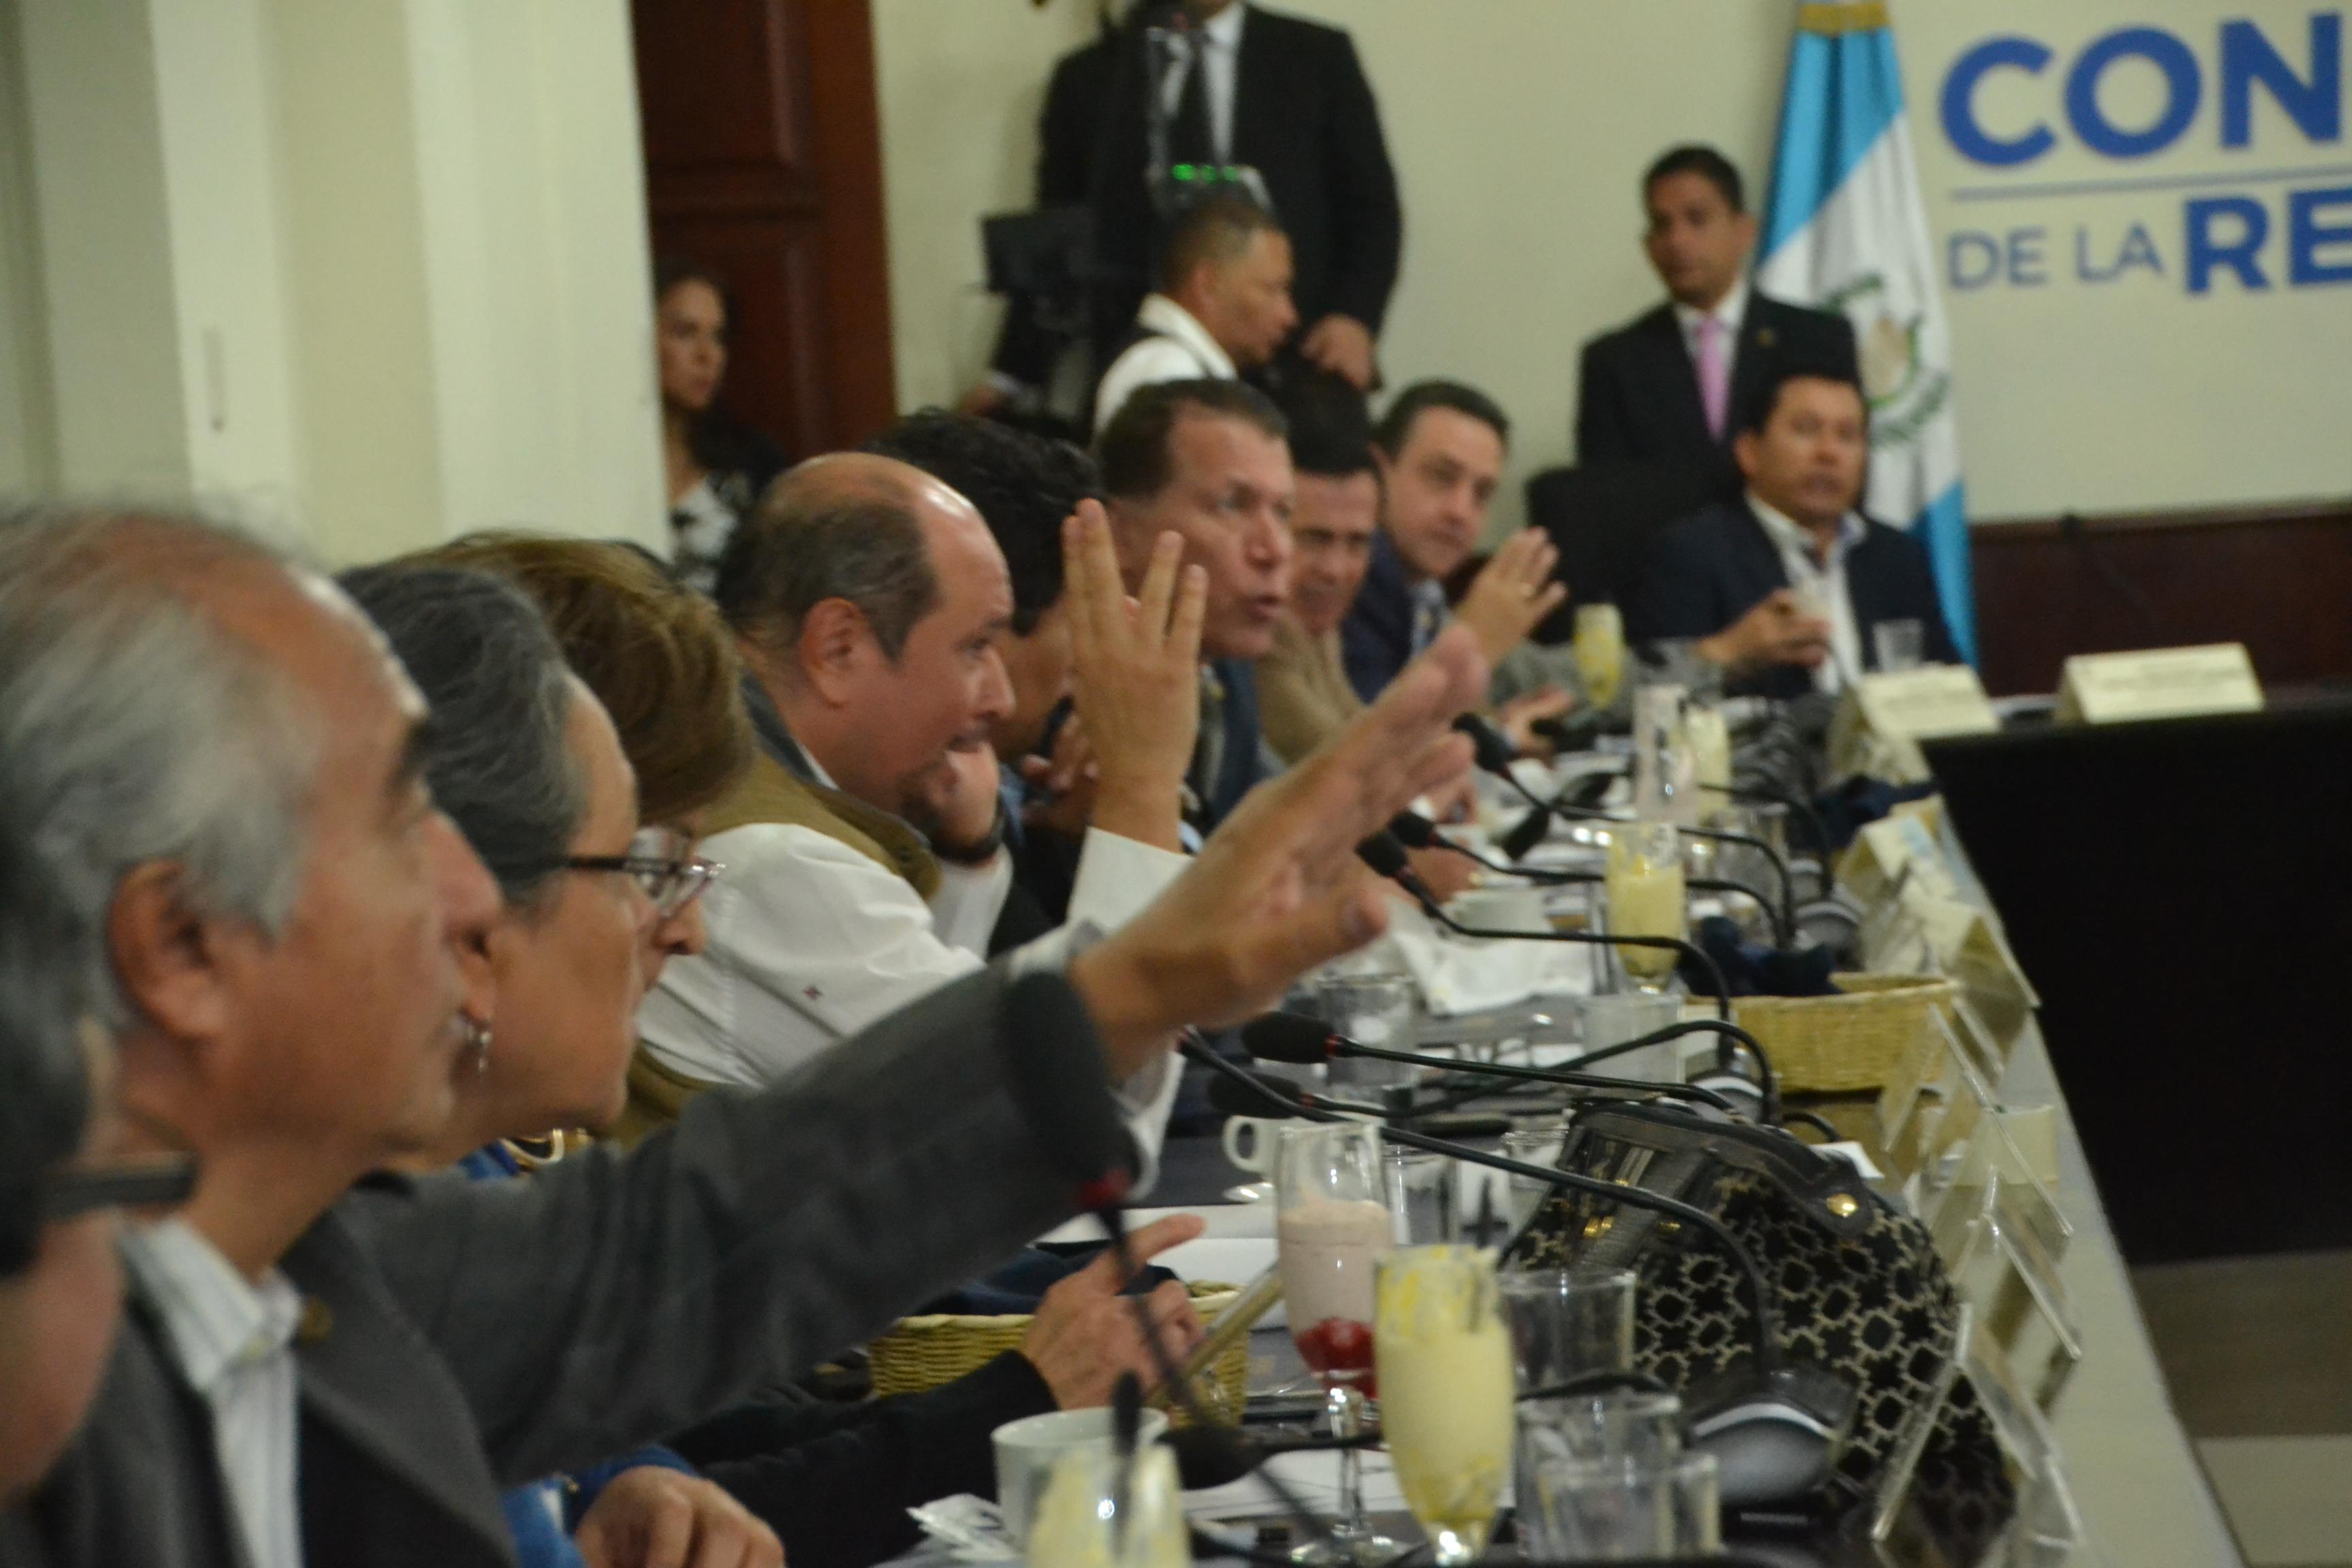 Los jefes de bloques del Congreso acordaron agendar una sesión plenaria para aprobar un préstamo de US$100 millones para el proyecto Crecer Sano. (Foto Prensa Libre: José Castro)